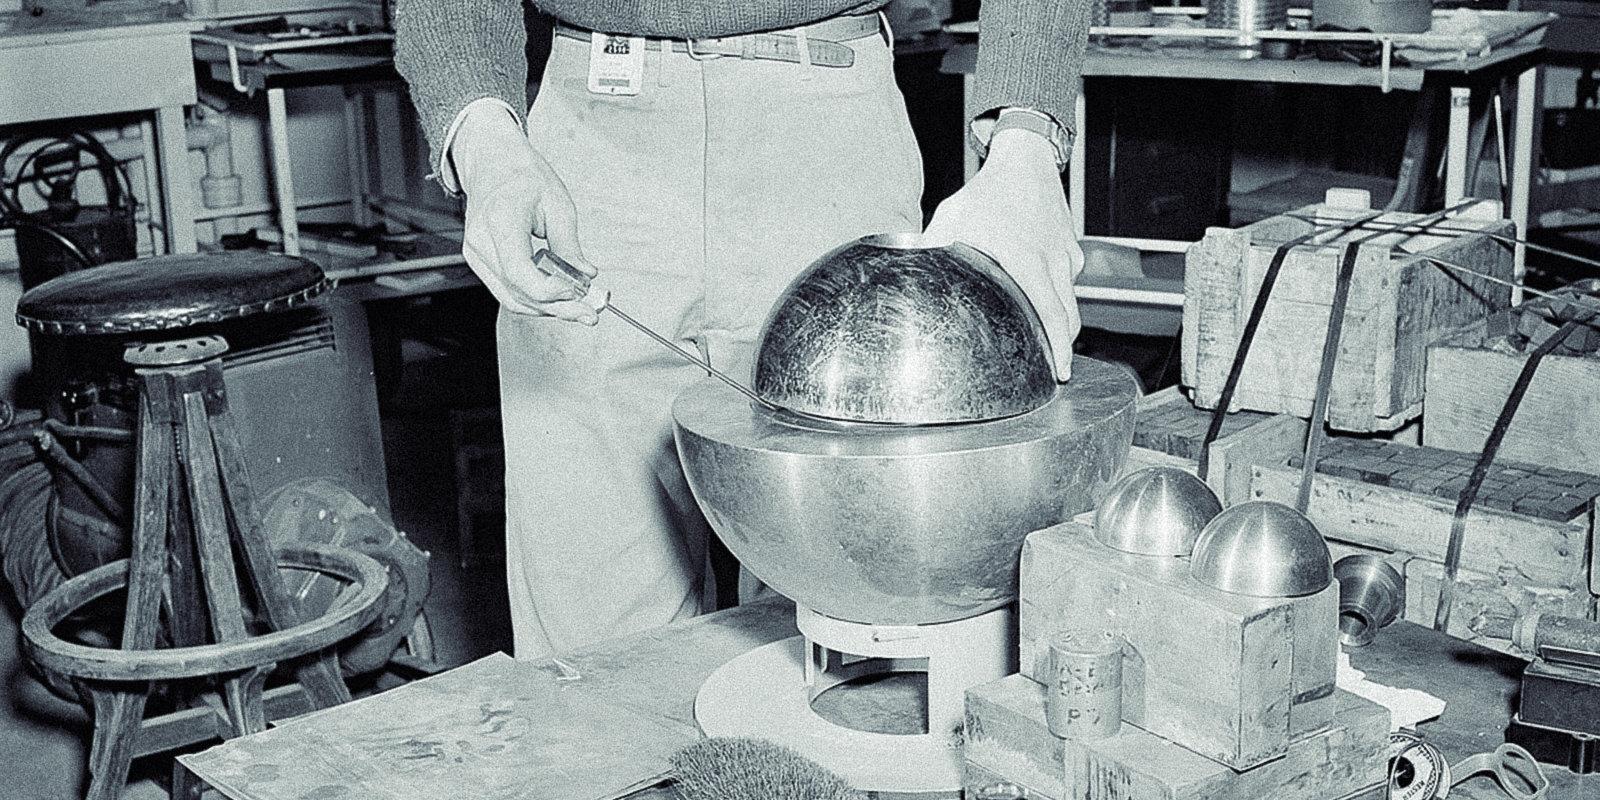 Rotaļas ar radiāciju jeb kā 'dēmona kodols' nogalināja divus jaunus fiziķus